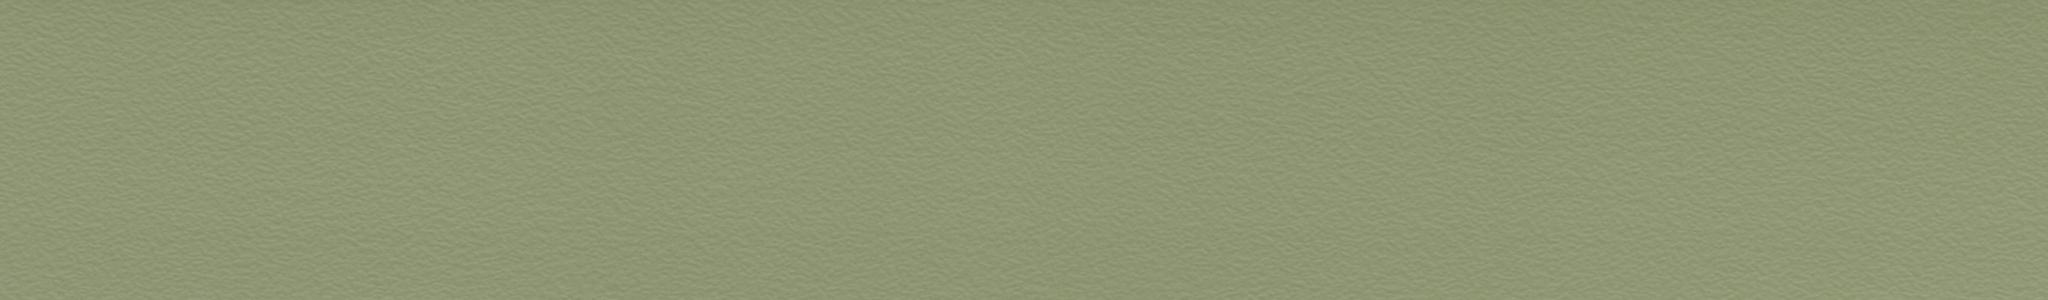 HU 169615 ABS Edge Green Taiga Pearl XG